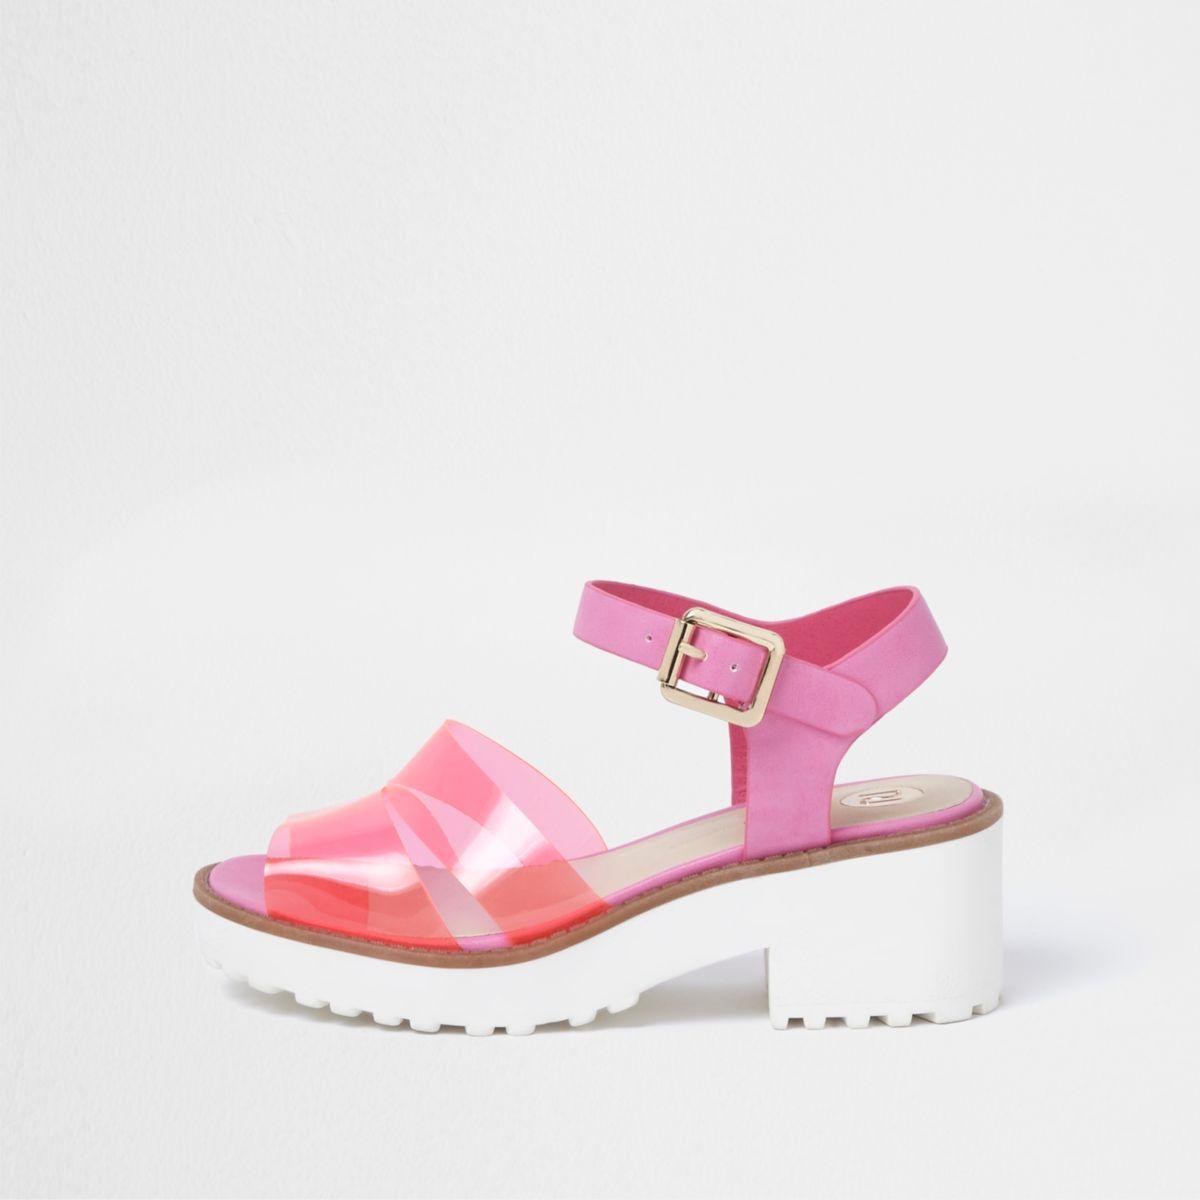 Sandales roses à talon carré et brides en plastique pour fille